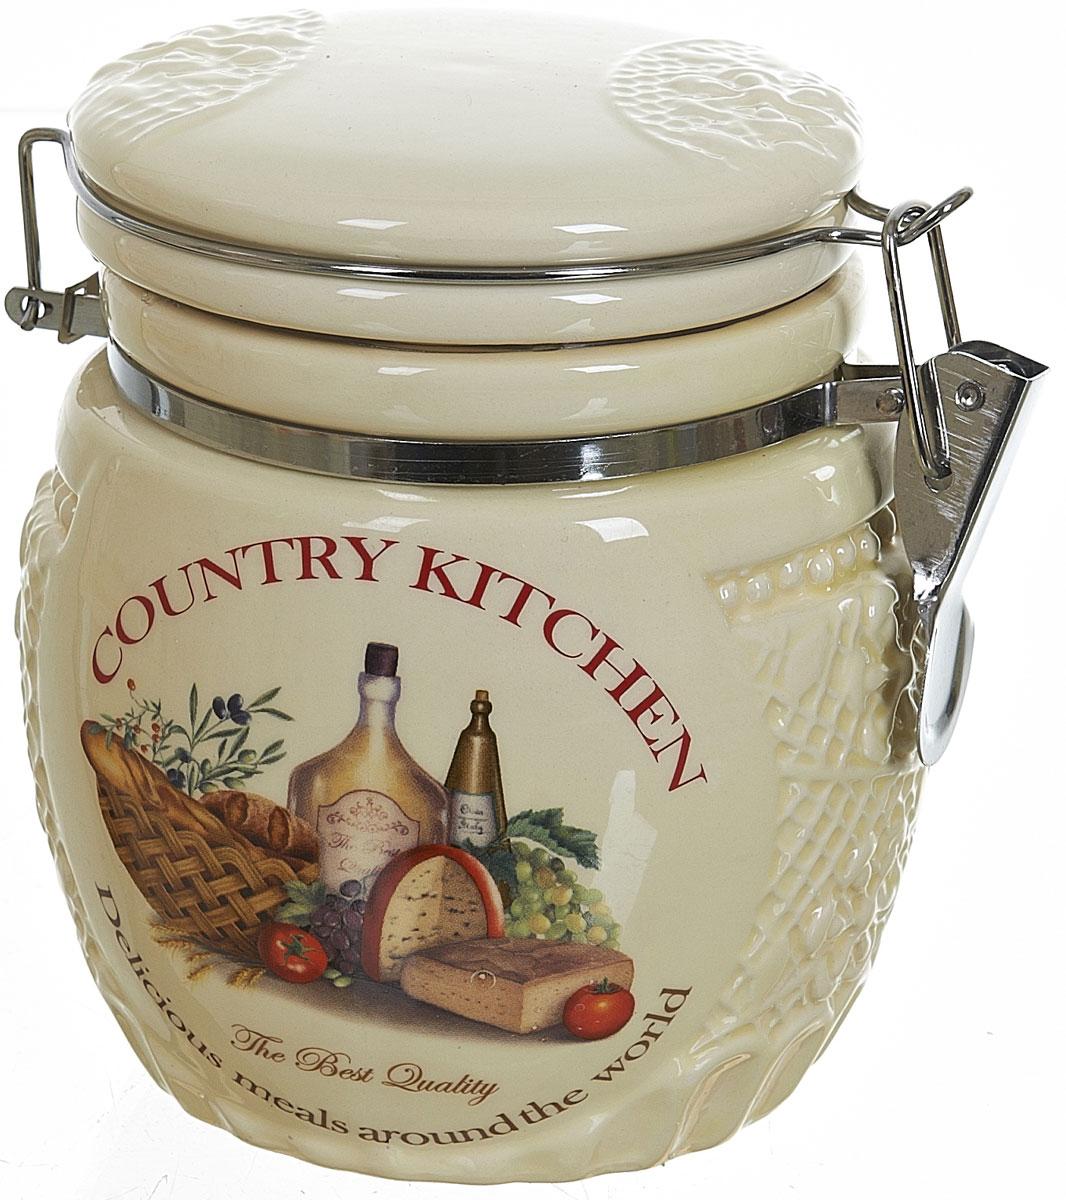 Банка для сыпучих продуктов Polystar Country Kitchen, 730 млL0210042Банка для сыпучих продуктов Country Kitchen изготовлена из прочной керамики, закрывается крышкой. Банка прекрасно подойдет для хранения различных сыпучих продуктов: чая, кофе, сахара, круп и многого другого. Благодаря силиконовой прослойке и бугельному замку, крышка герметично закрывается, что позволяет дольше сохранять продукты свежими. Изящная емкость не только поможет хранить разнообразные сыпучие продукты, но и стильно дополнит интерьер кухни.